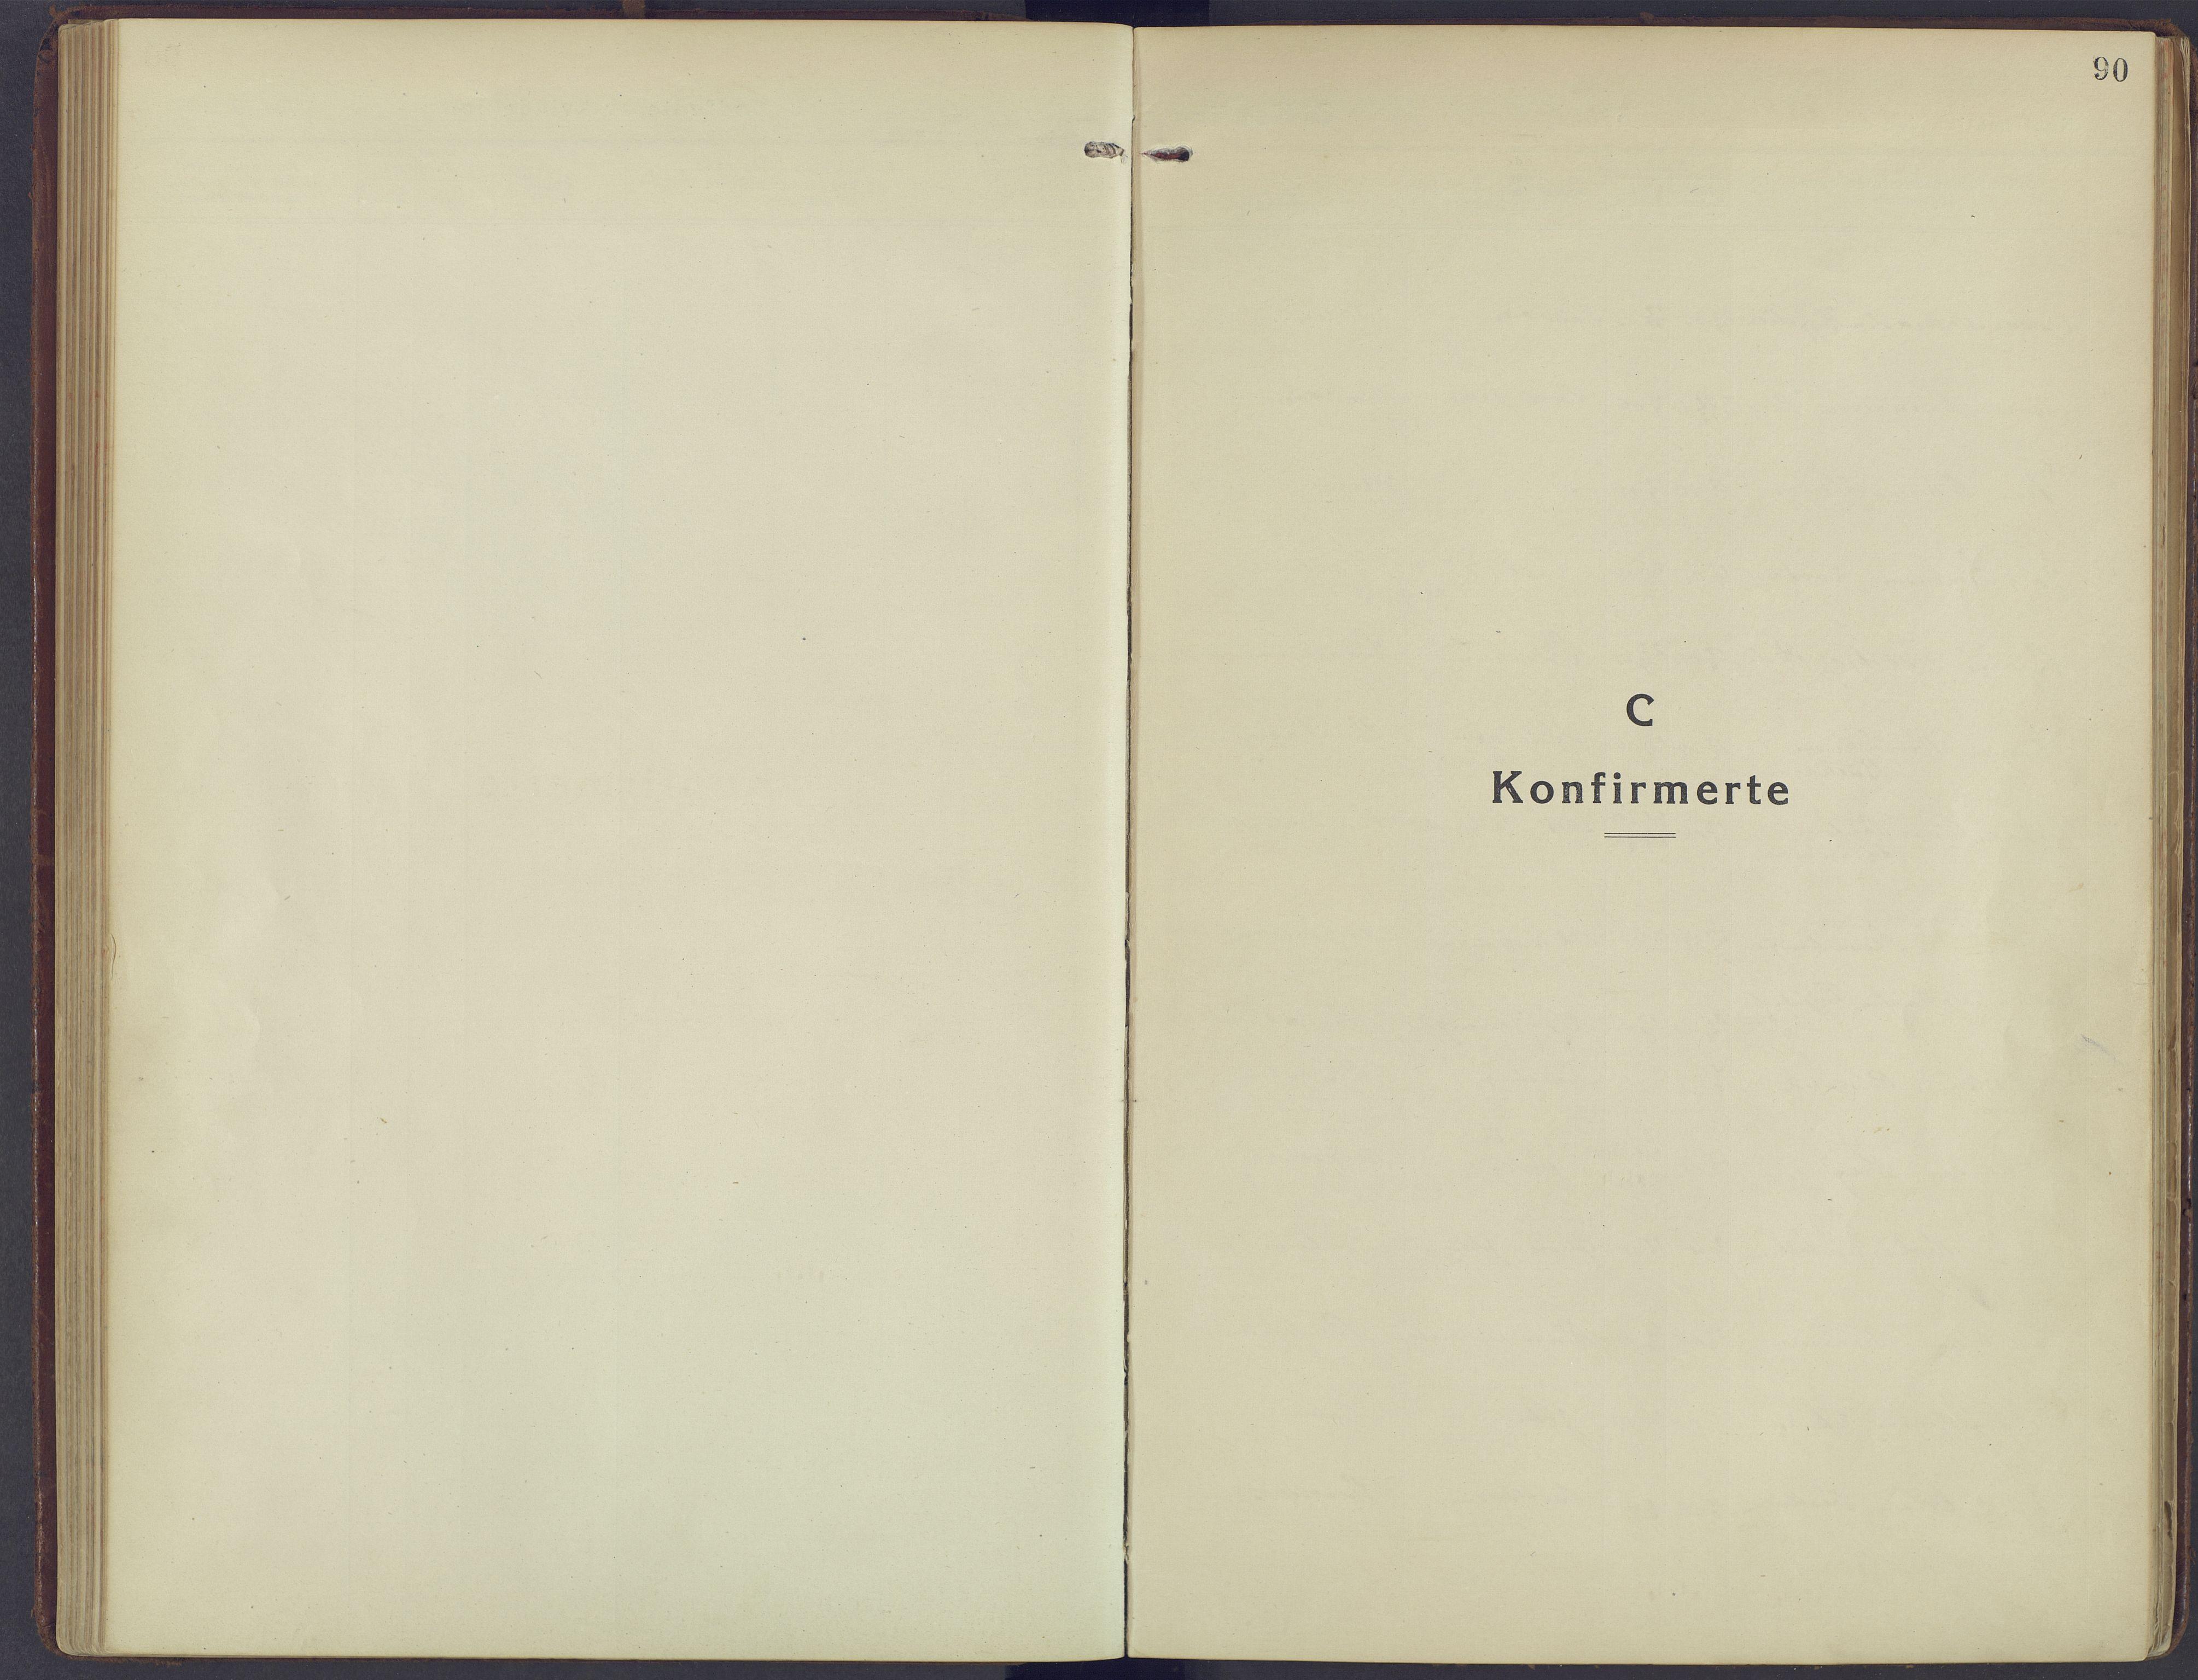 SAH, Sør-Fron prestekontor, H/Ha/Haa/L0005: Parish register (official) no. 5, 1920-1933, p. 90